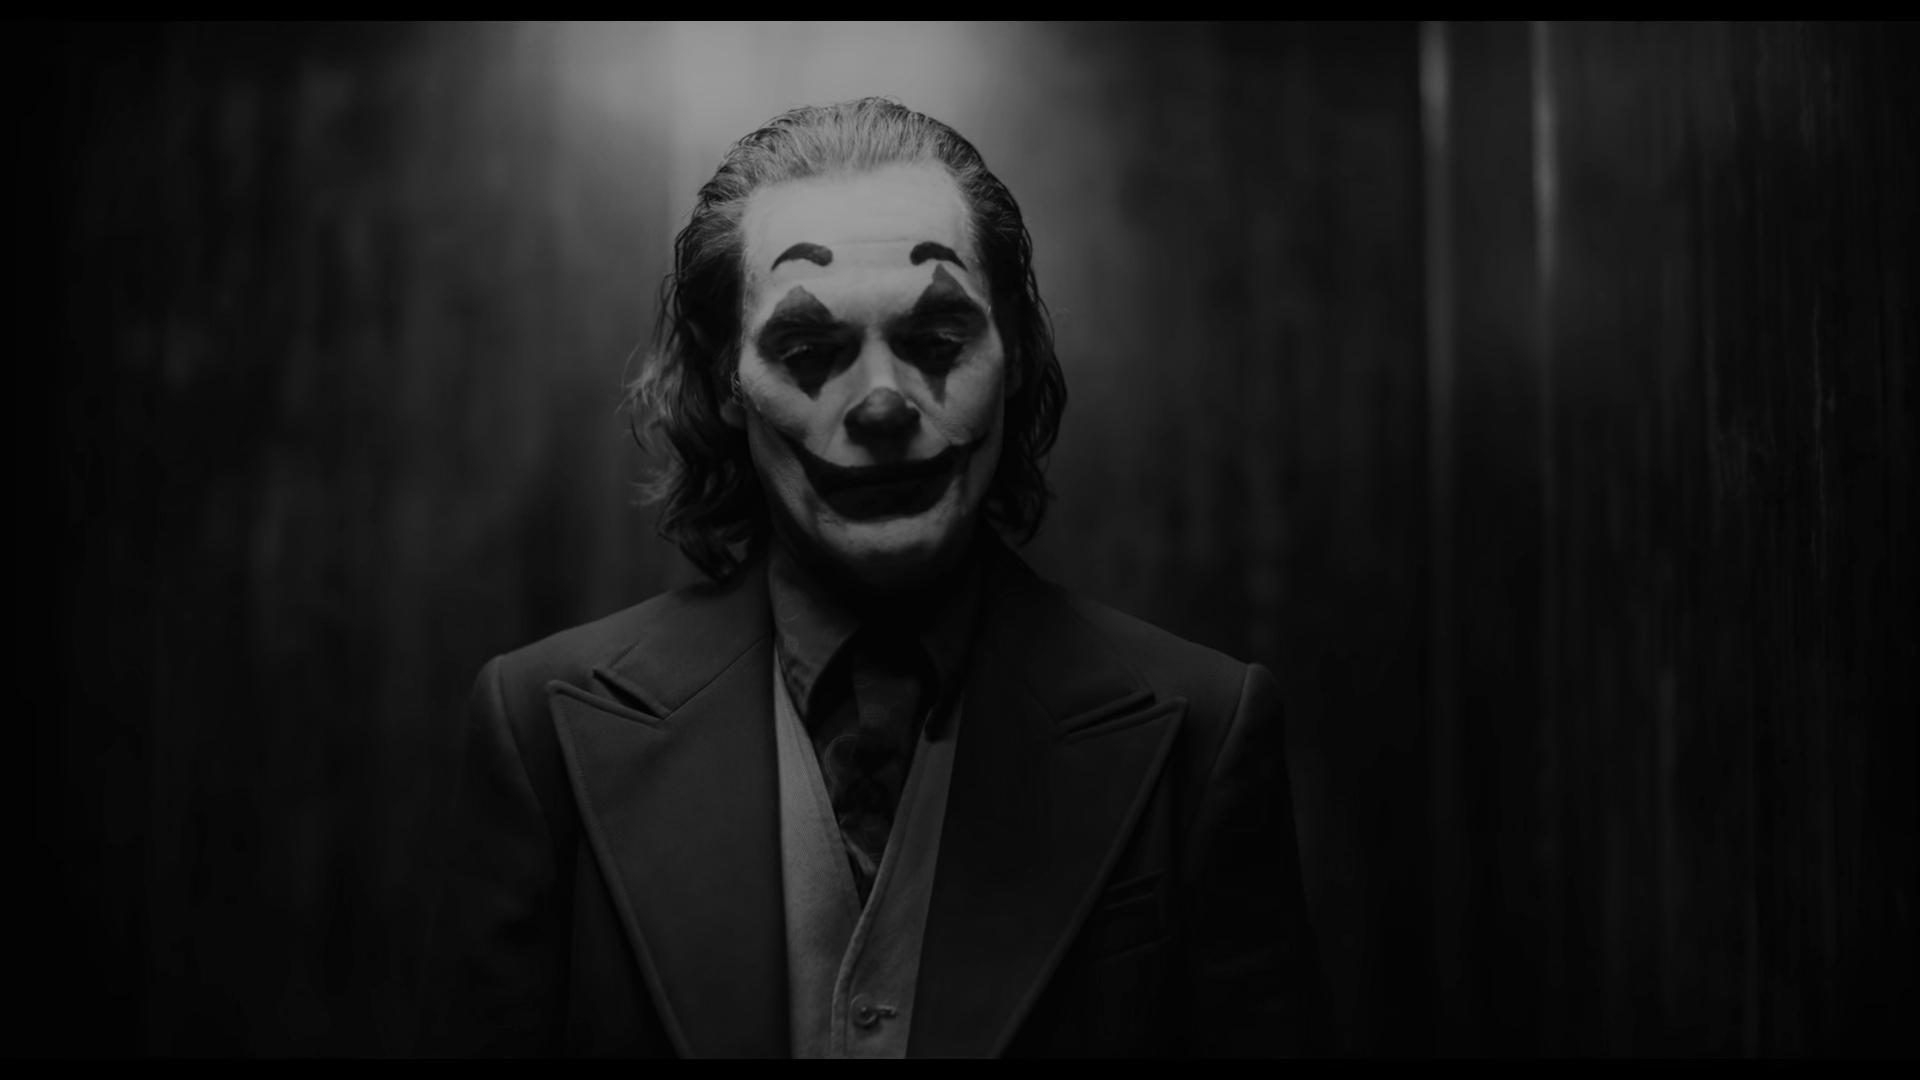 Joaquin Phoenix As Joker Monochrome Wallpaper Hd Movies 4k